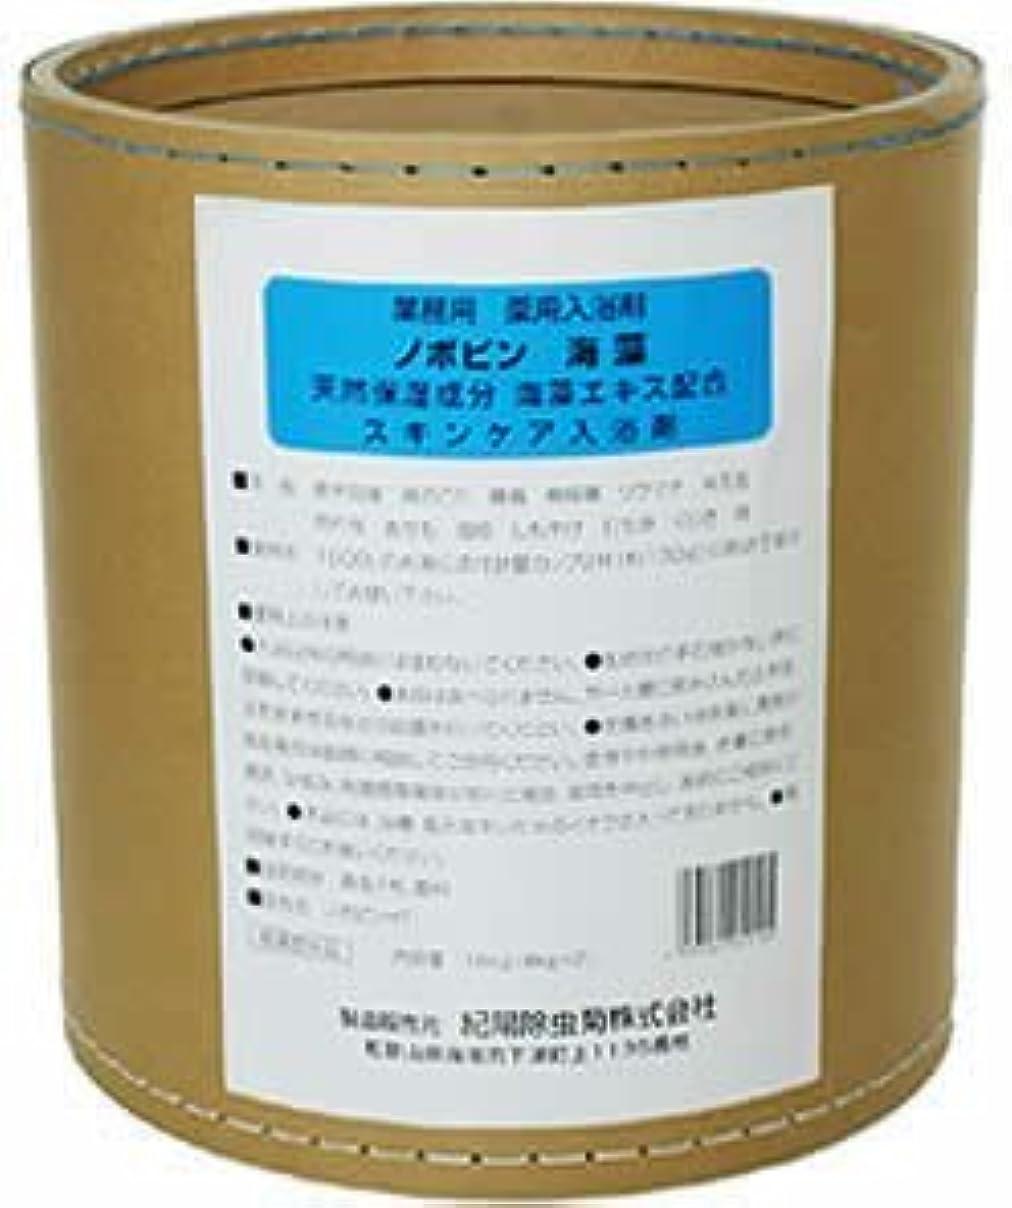 接続された同意出身地業務用 入浴剤 ノボピン 海藻 16kg(8kg*2)